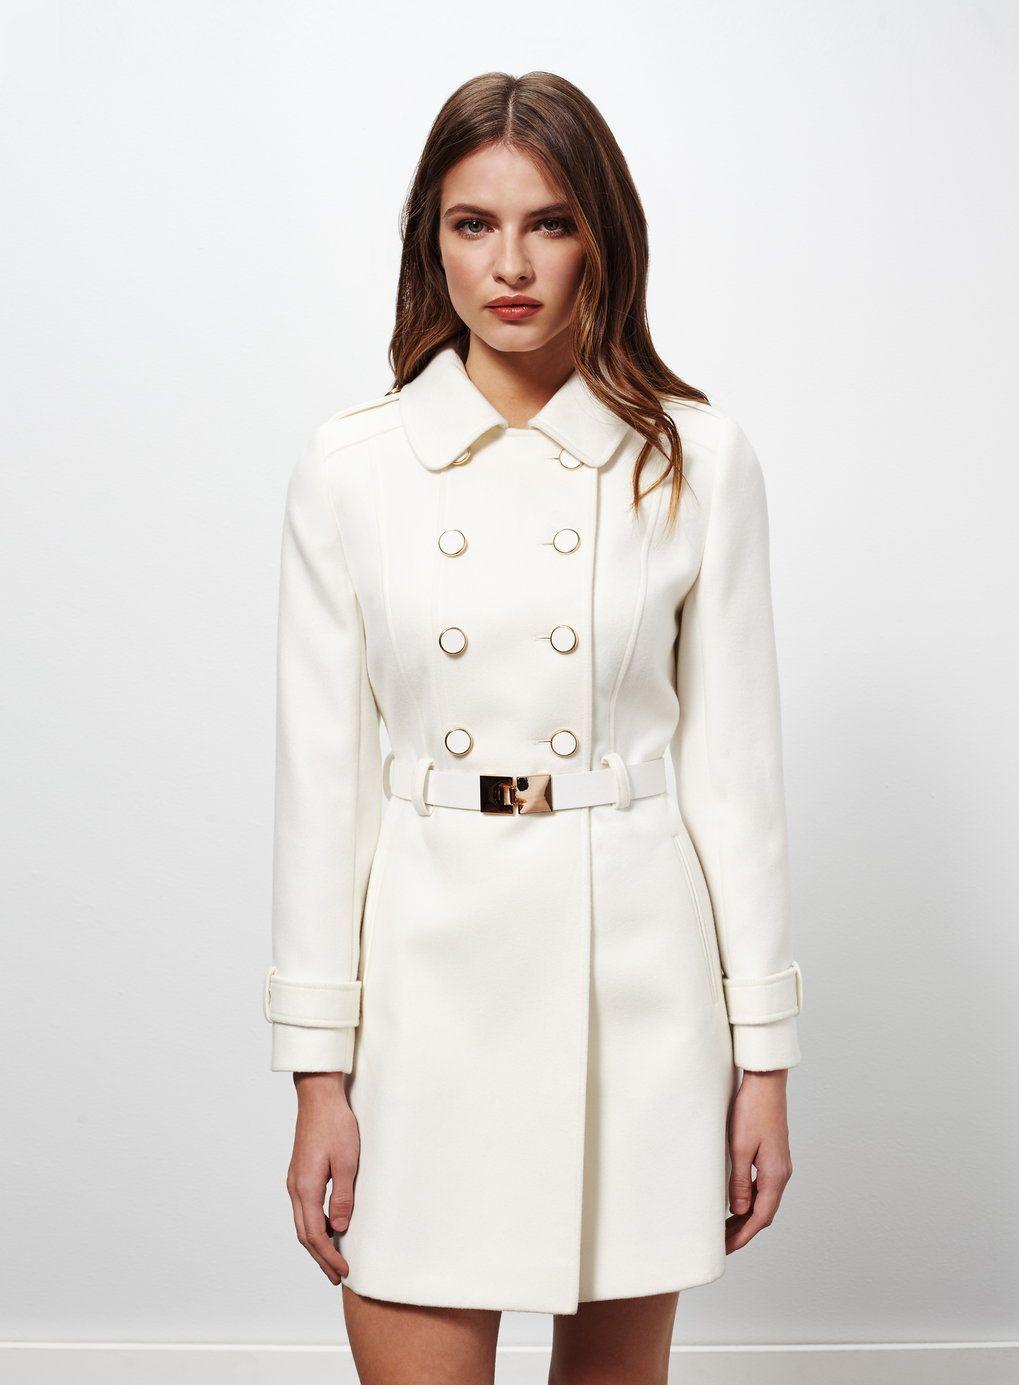 Petites White Military Coat | Outerwear | Pinterest | Wardrobes ...